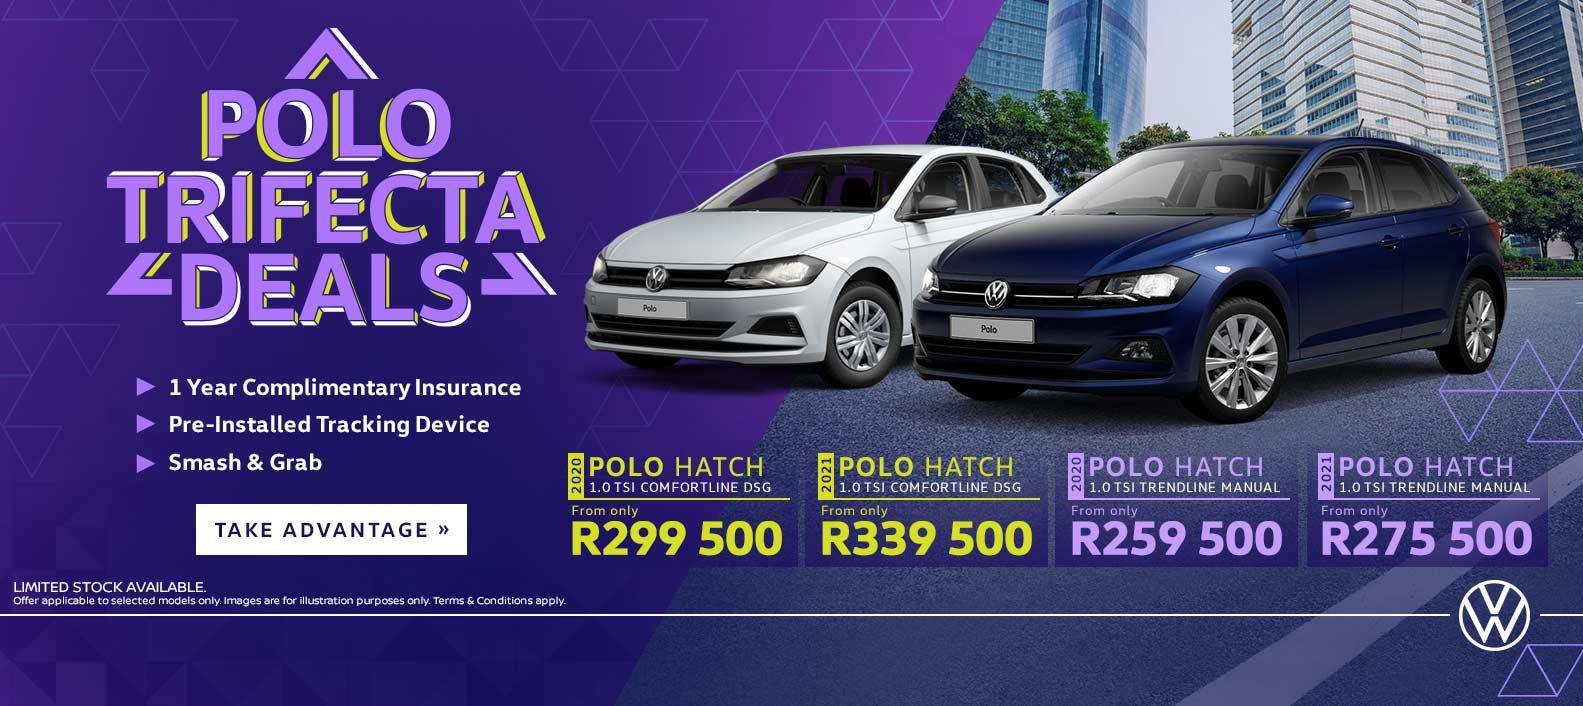 Polo Trifecta Deals